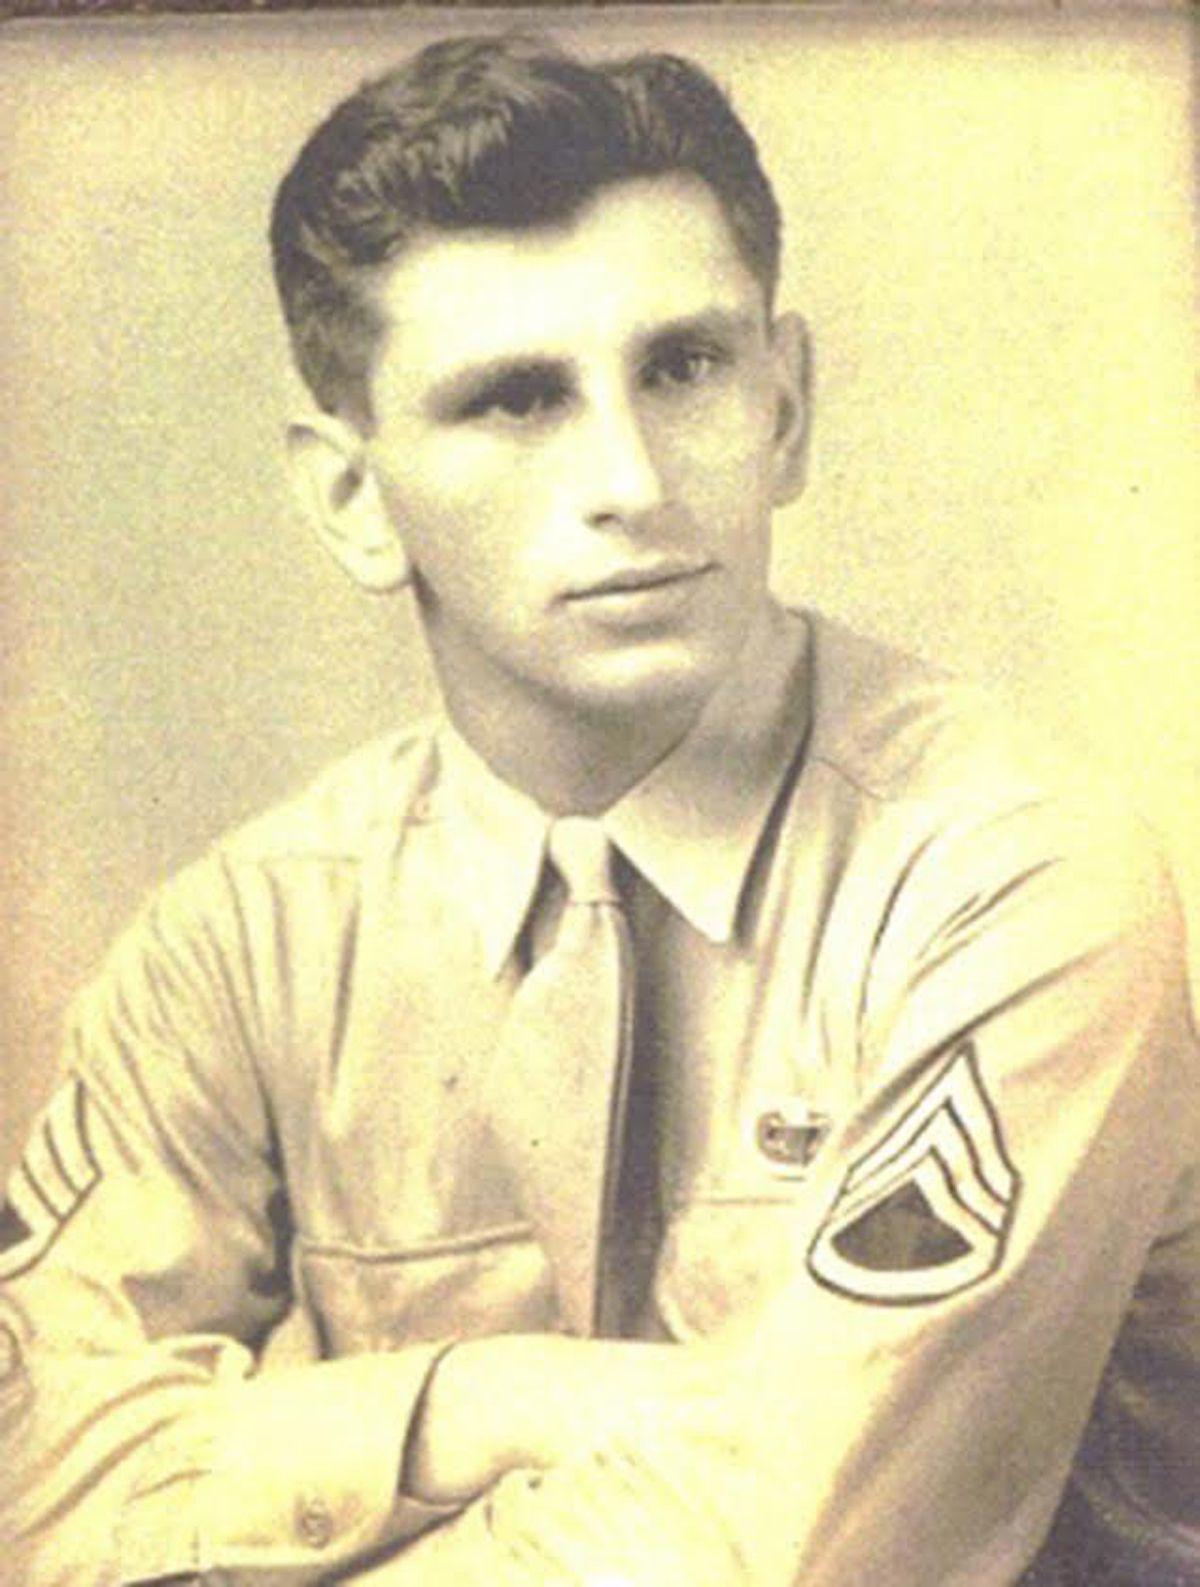 Al Mampre in his Army days.